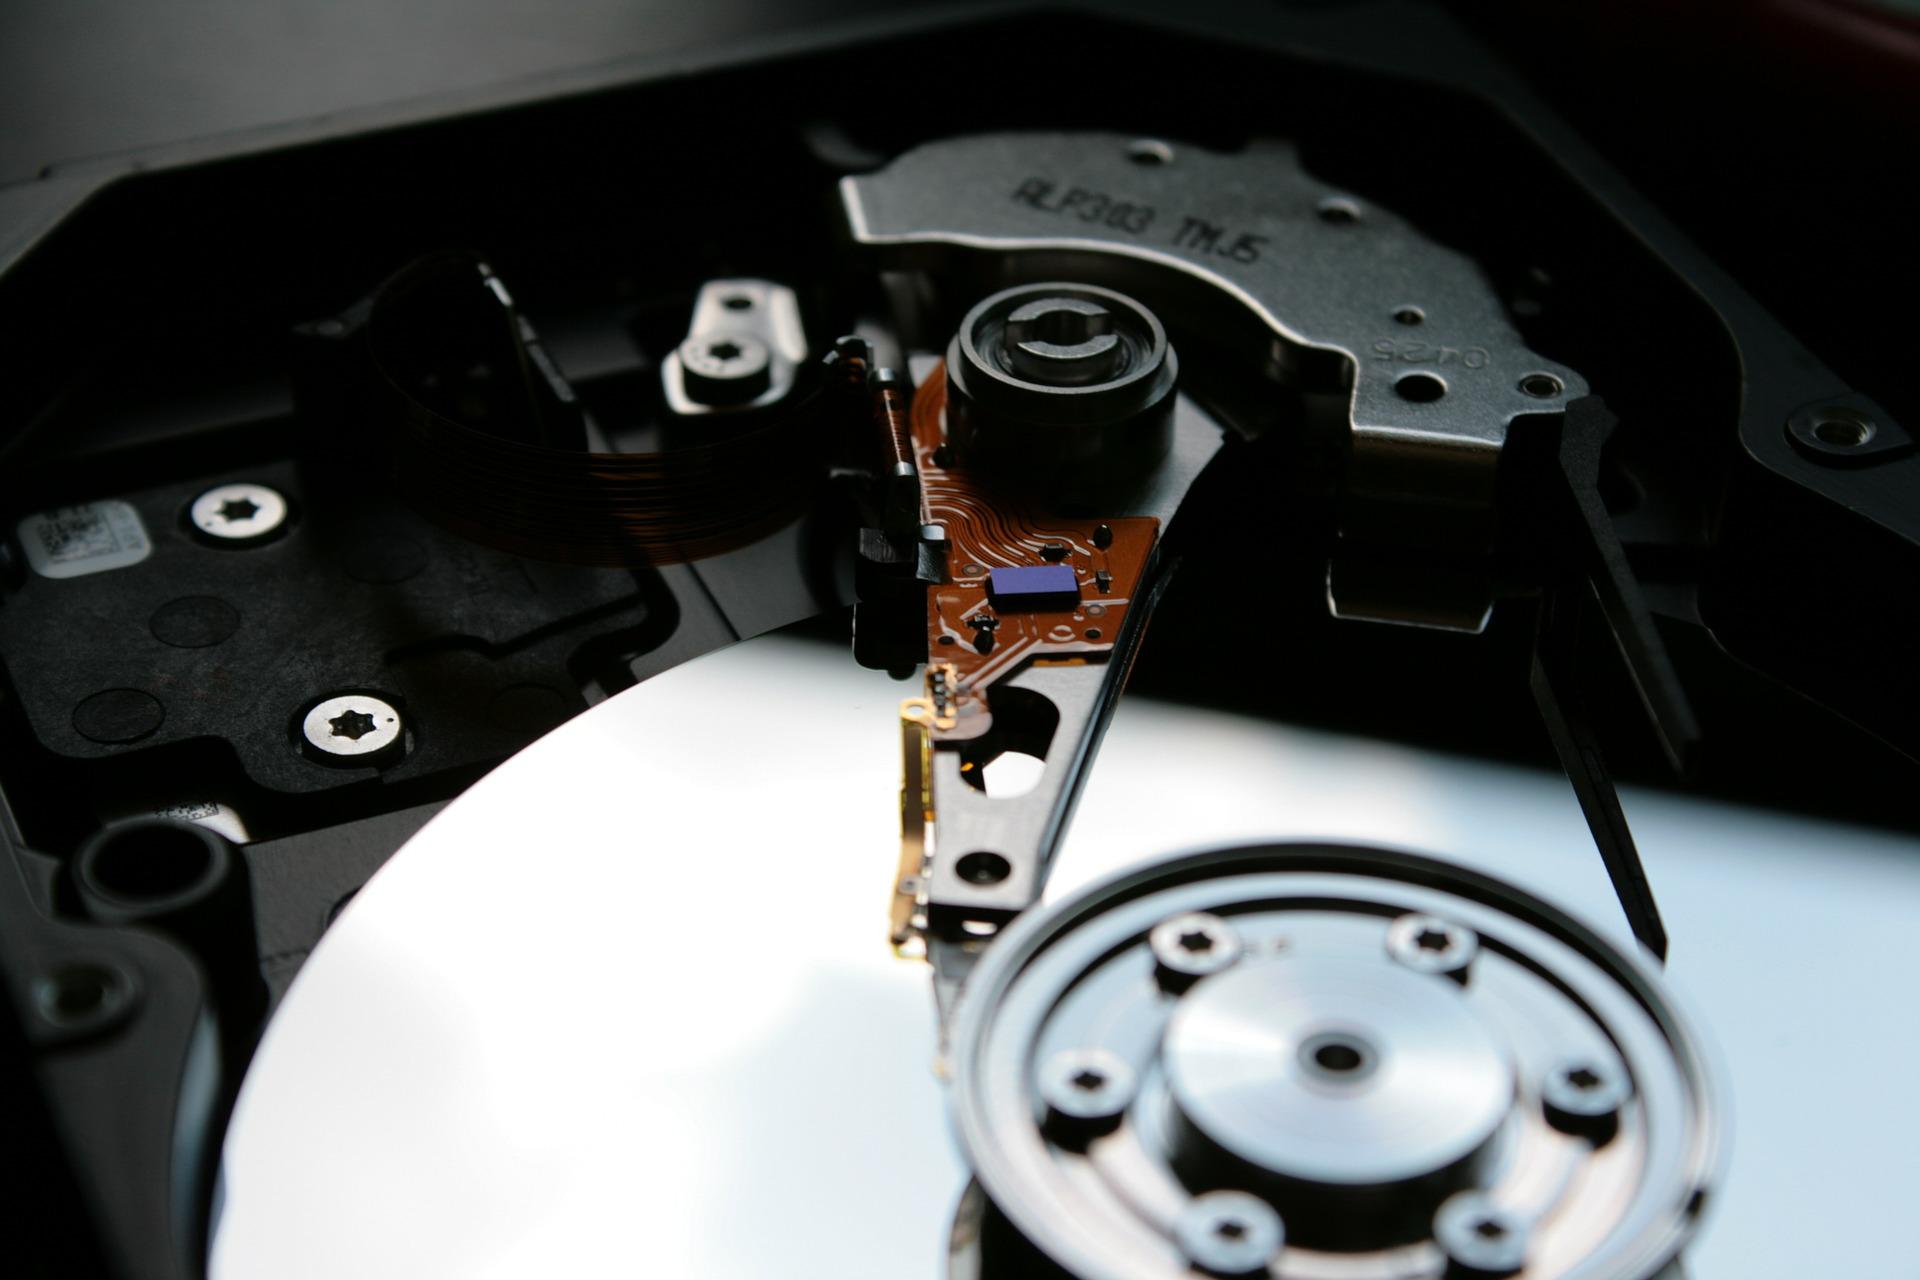 Le caratteristiche da valutare prima di scegliere l' hard disk.